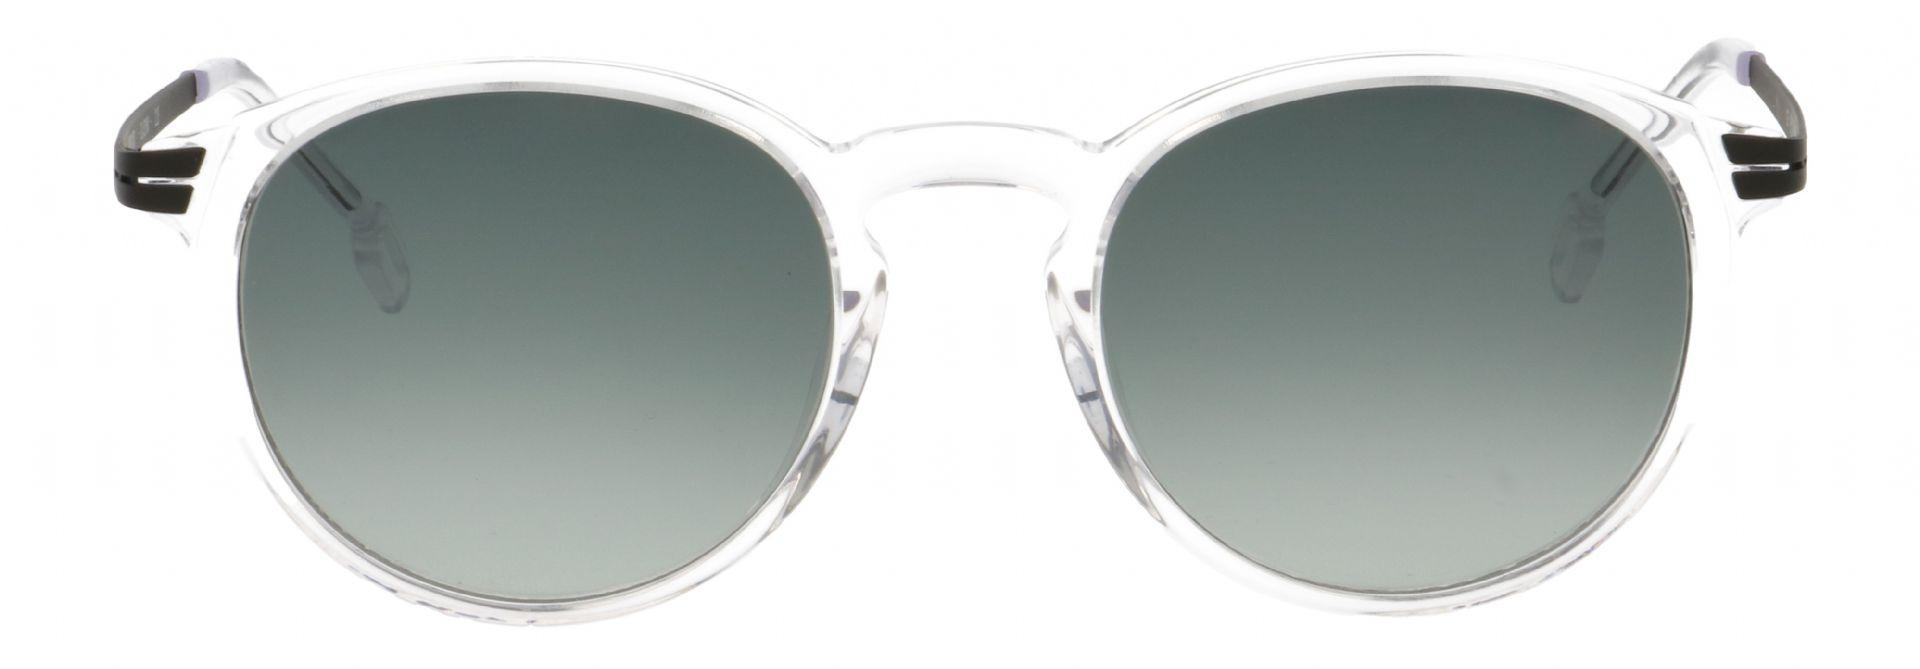 Glassman // Odette Lunettes